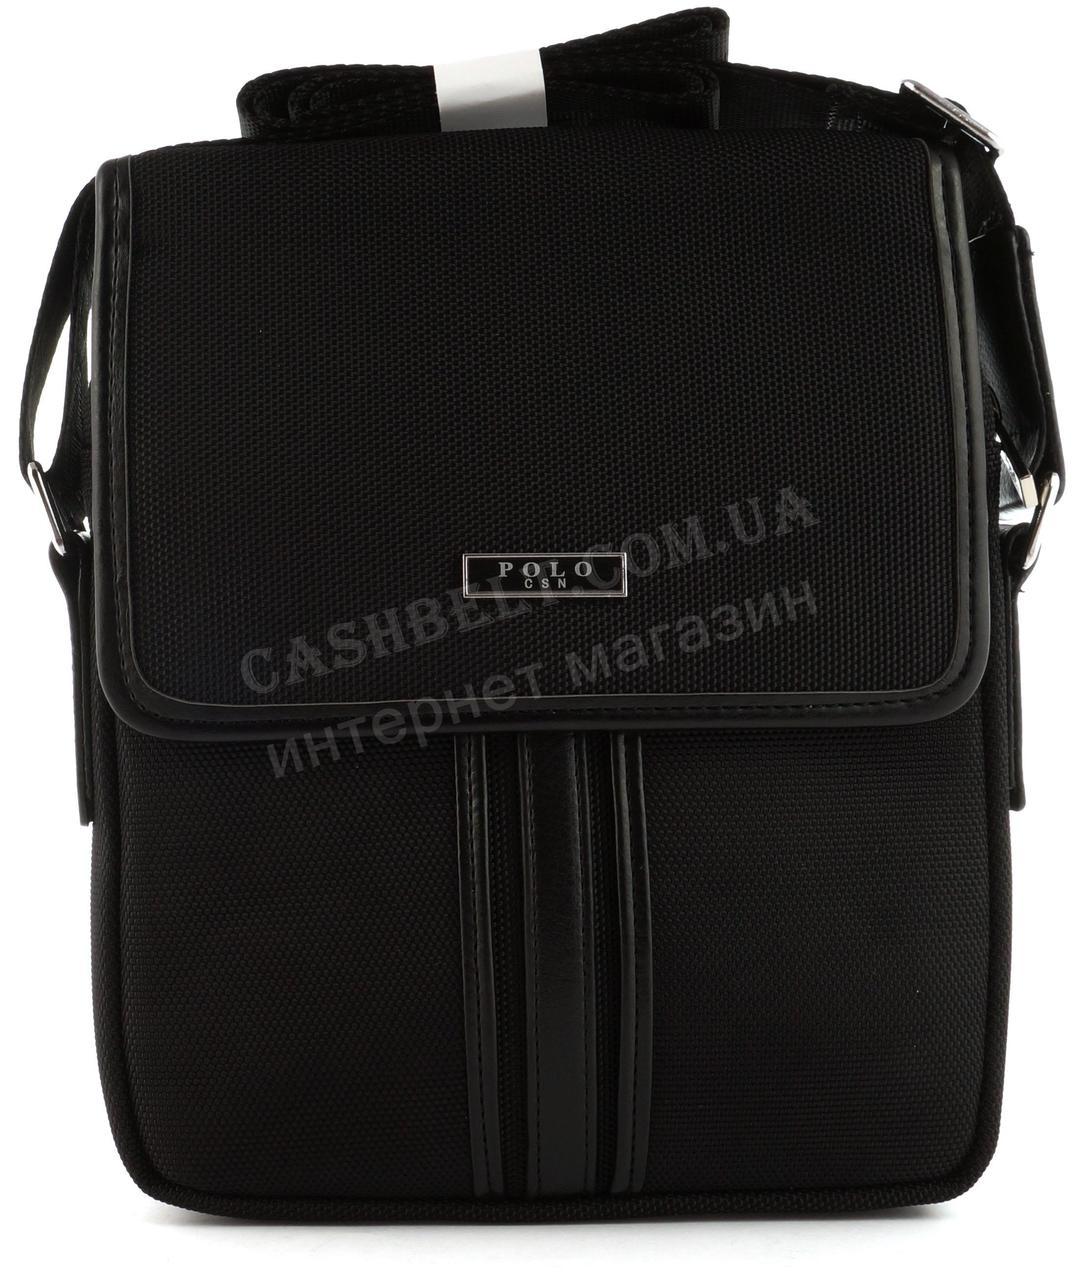 Дуже міцна тканинна чоловіча невелика наплічна сумка POLO art. 669-3 чорна